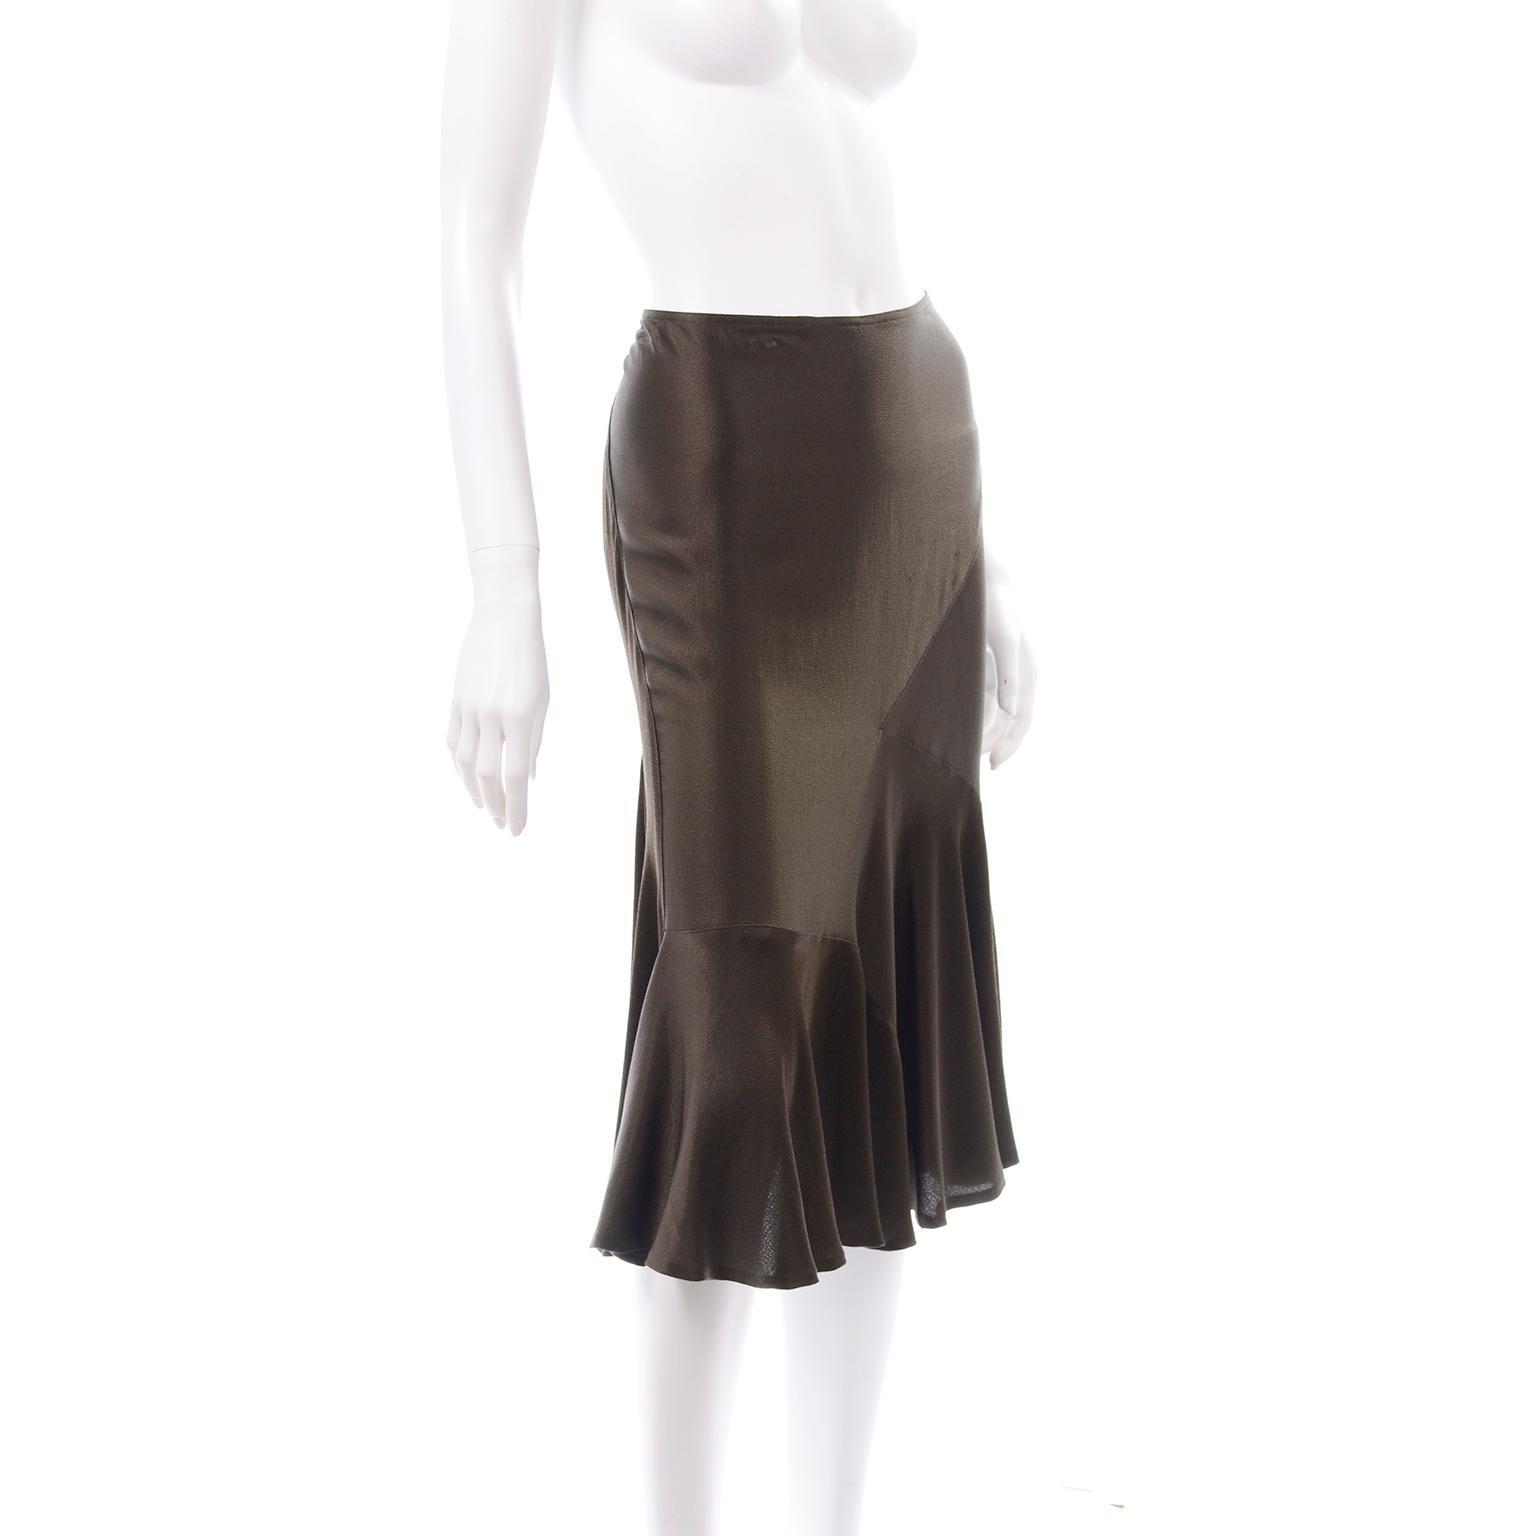 Vintage Donna Karan Black Short Skirt with Slit the side